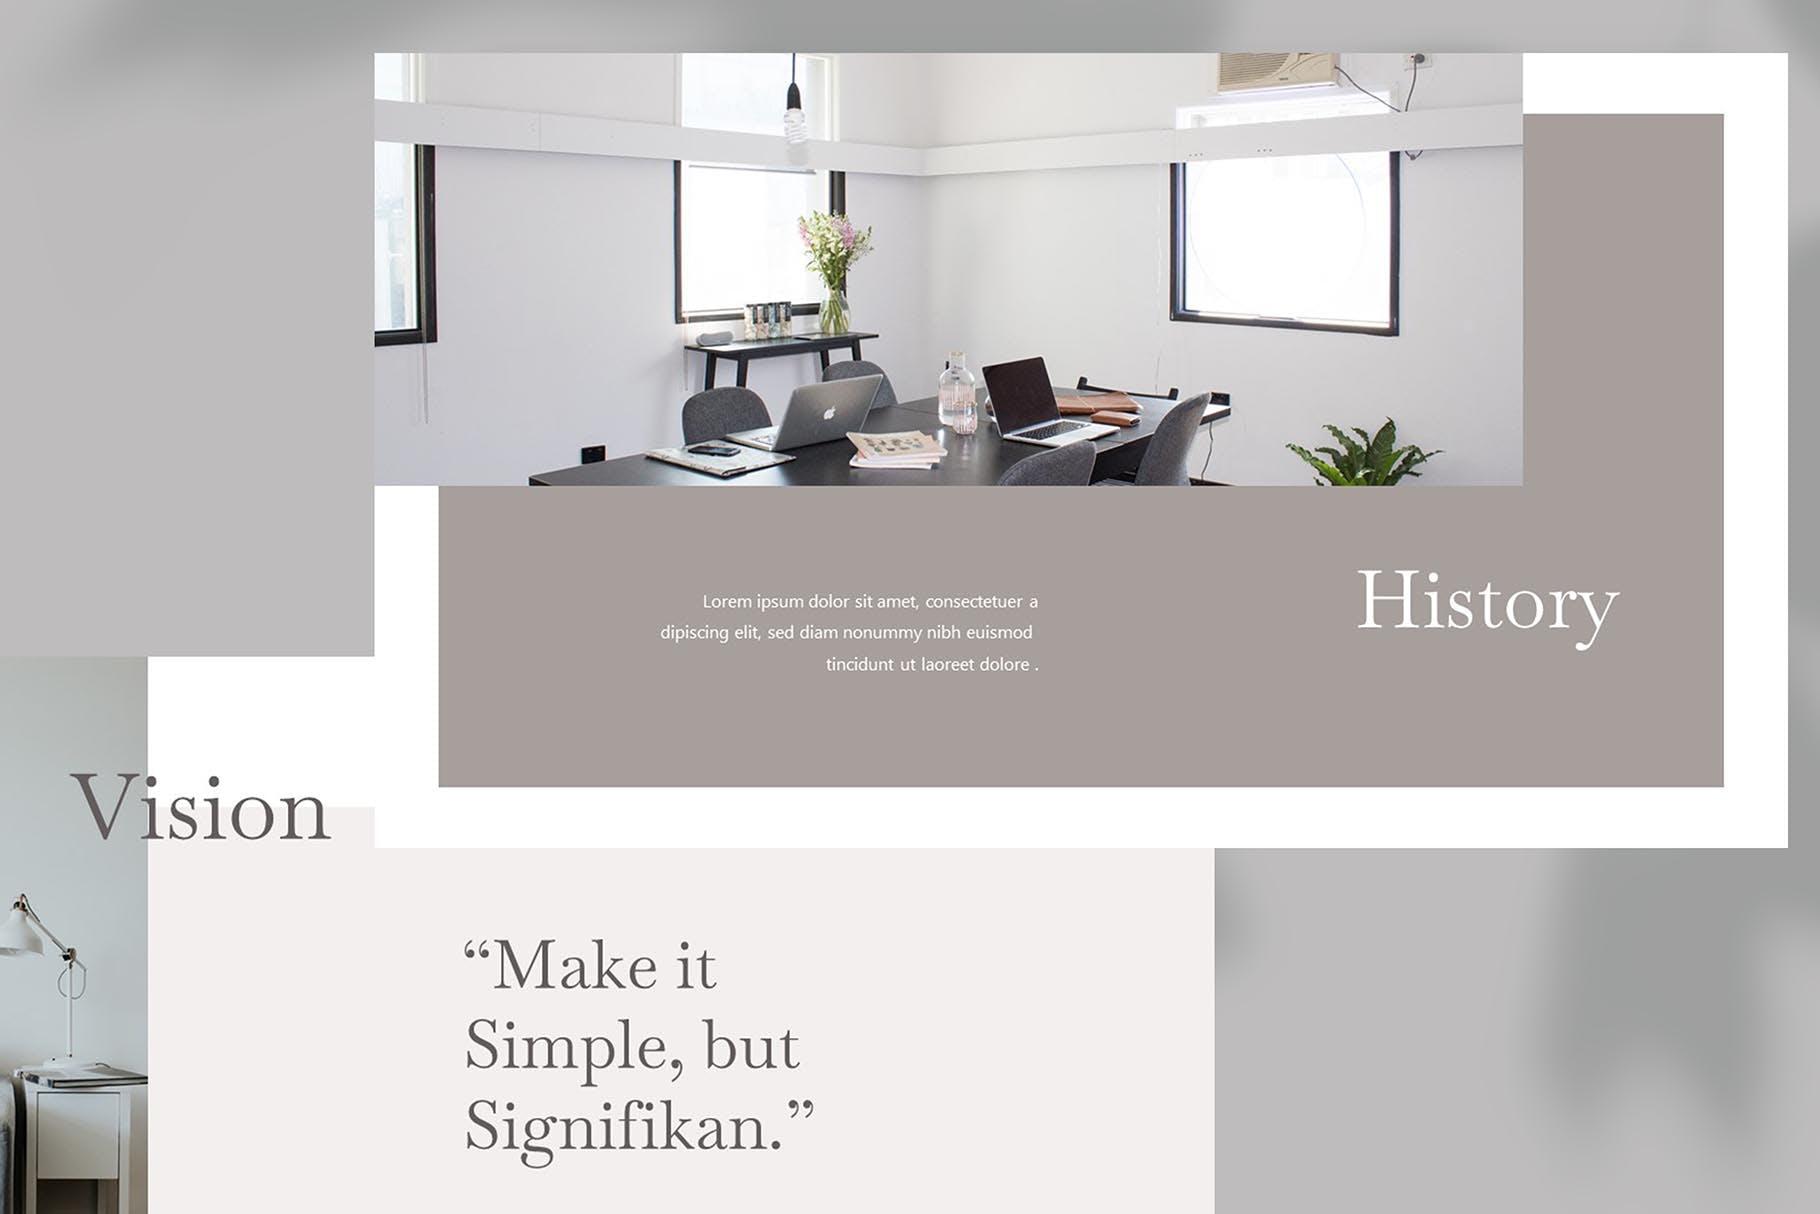 欧美风简洁时尚品牌产品展示PPT模板 Sharon – Powerpoint Template设计素材模板